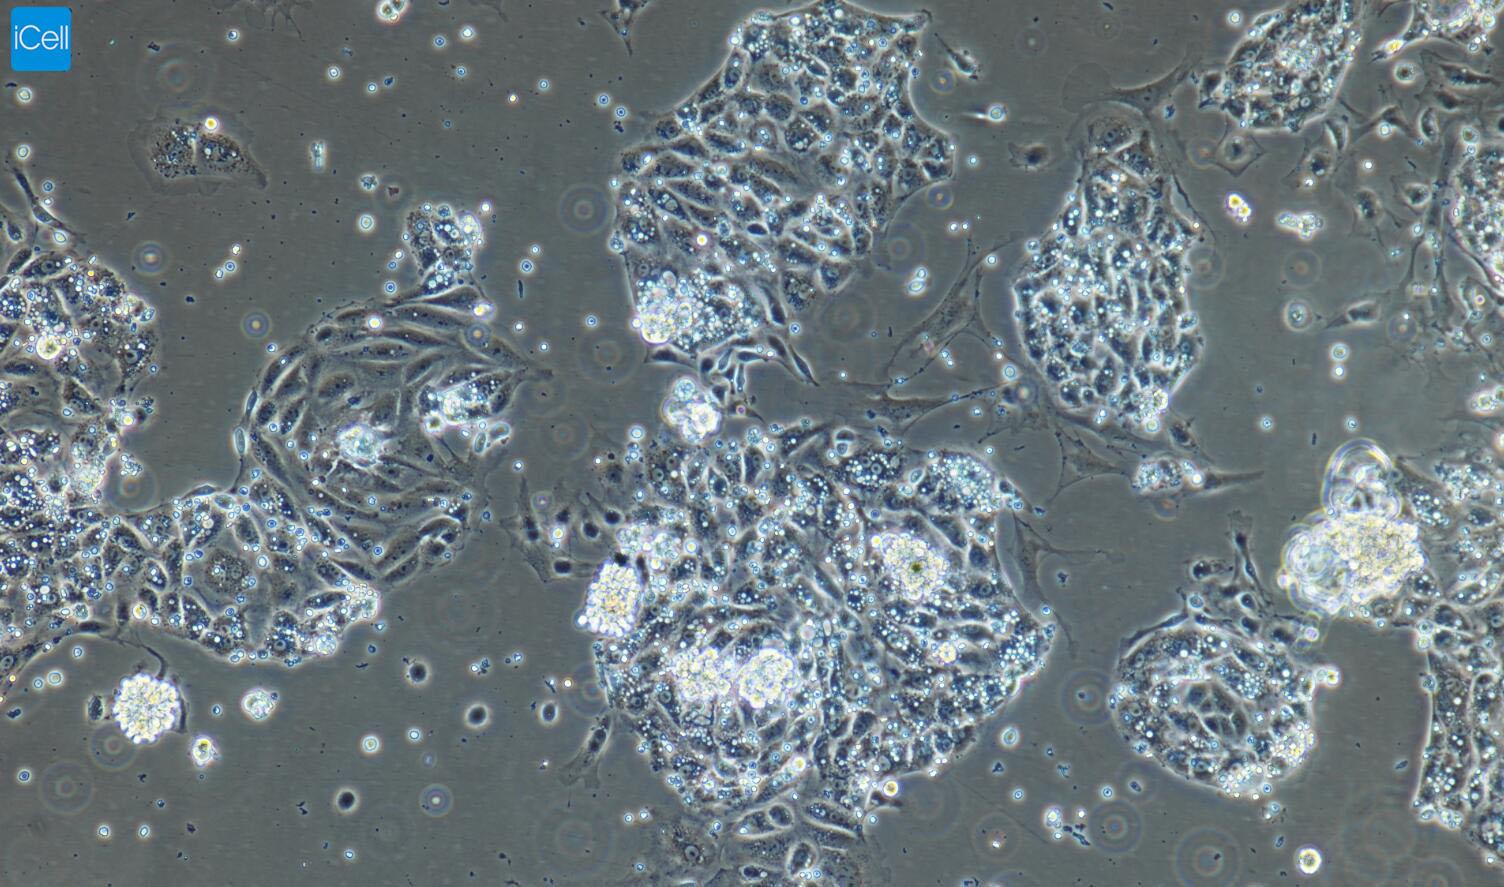 小鼠小肠隐窝上皮细胞/免疫荧光鉴定/赛百慷(iCell)